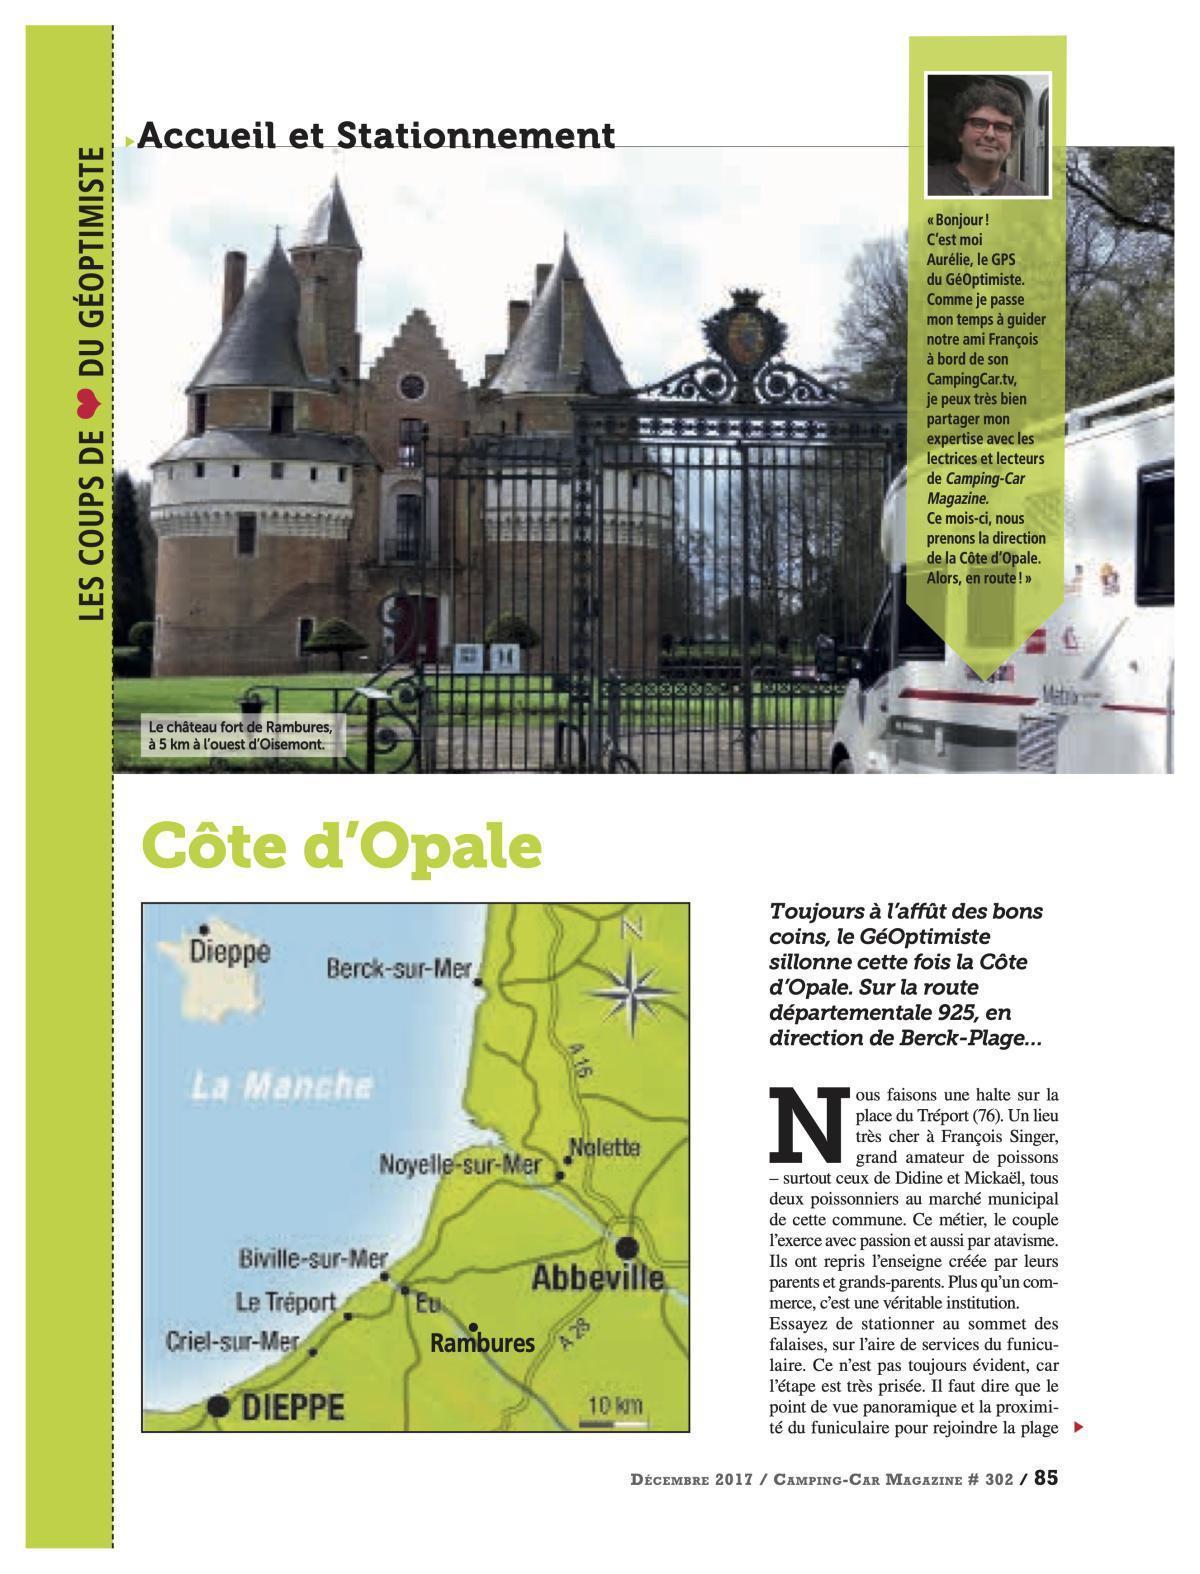 Côte d'Opale - CCM 302